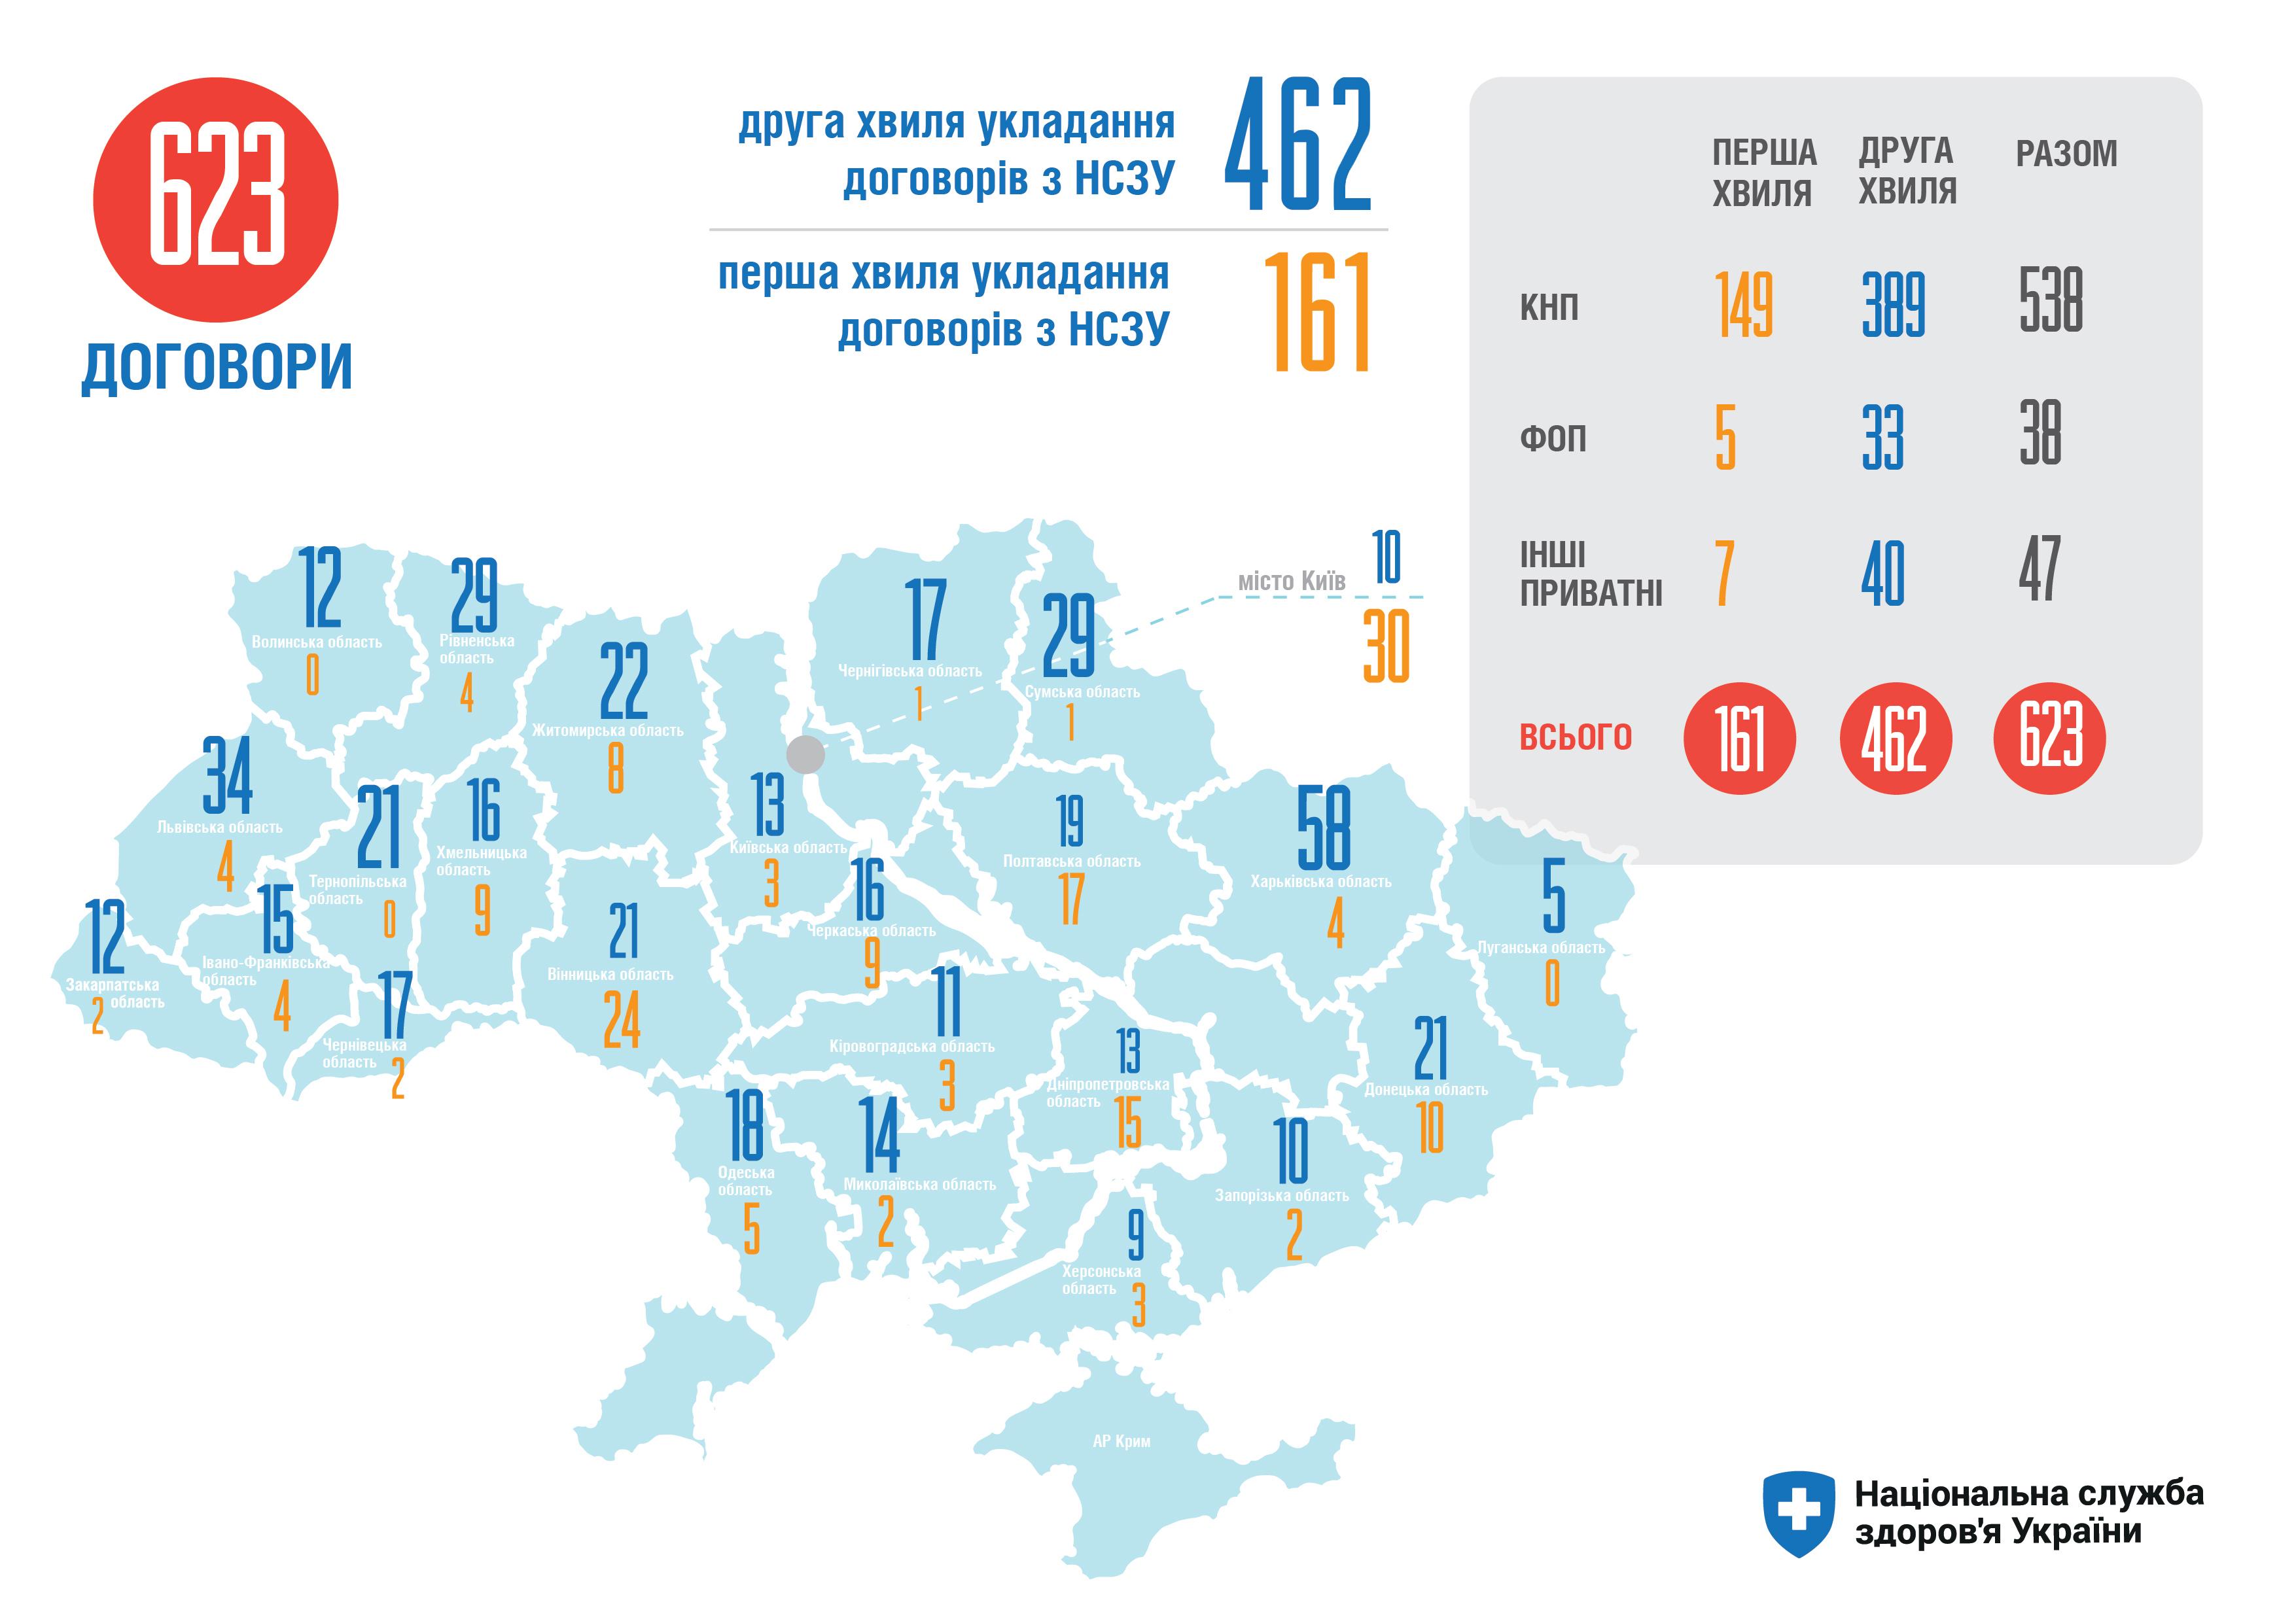 156 медзакладів Західної України підписали договори з Нацслужбою здоров'я